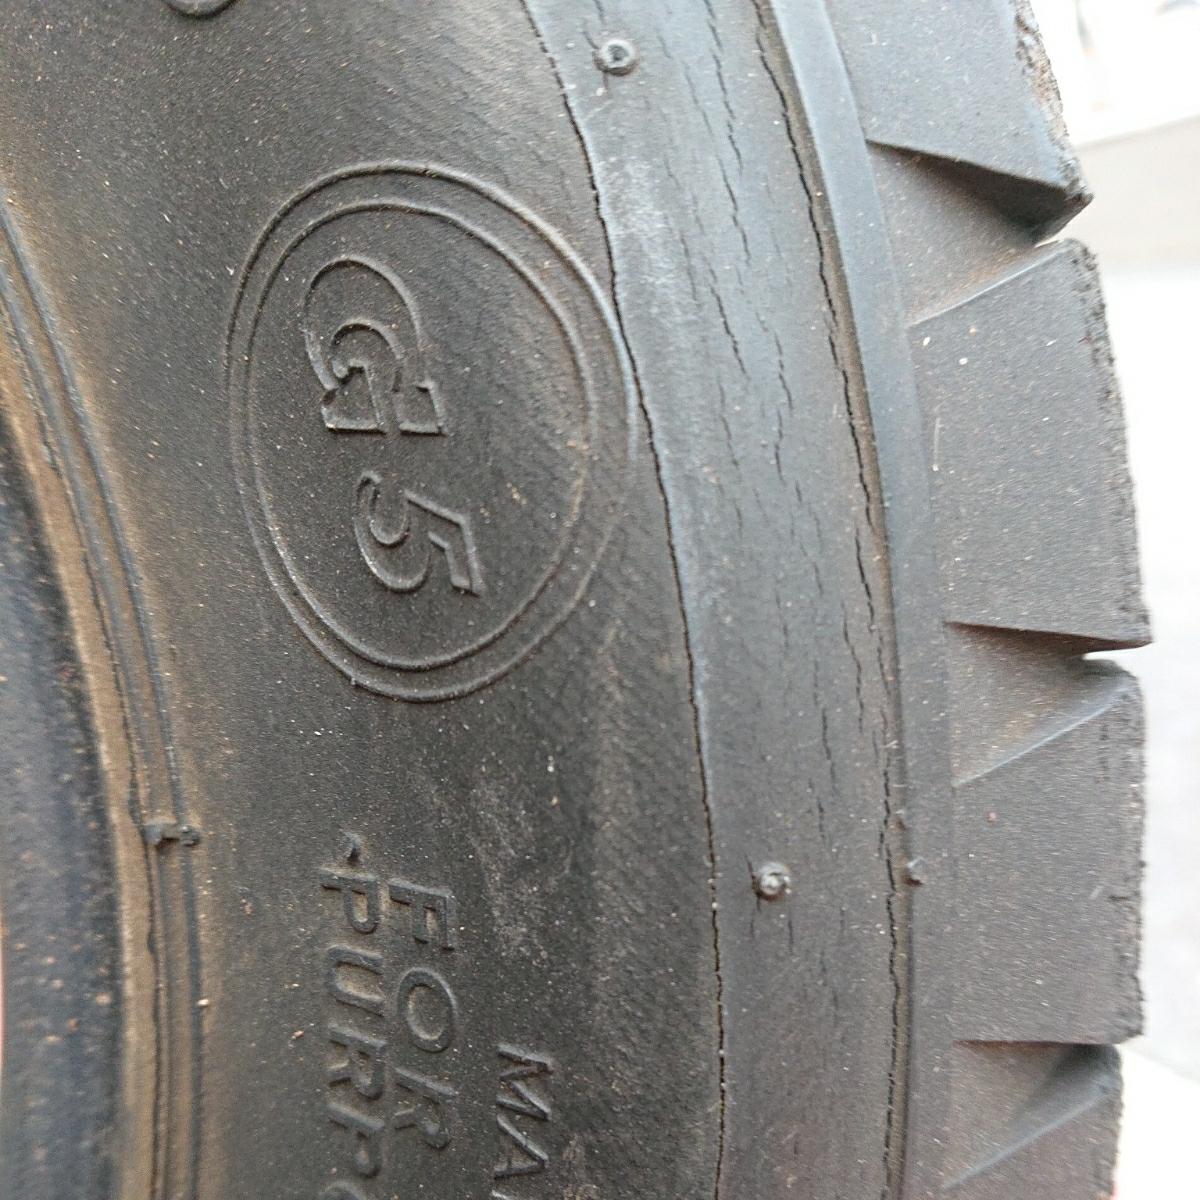 ダンロップ G5 4本セット 520-10 中古タイヤ ローバーミニ_画像5